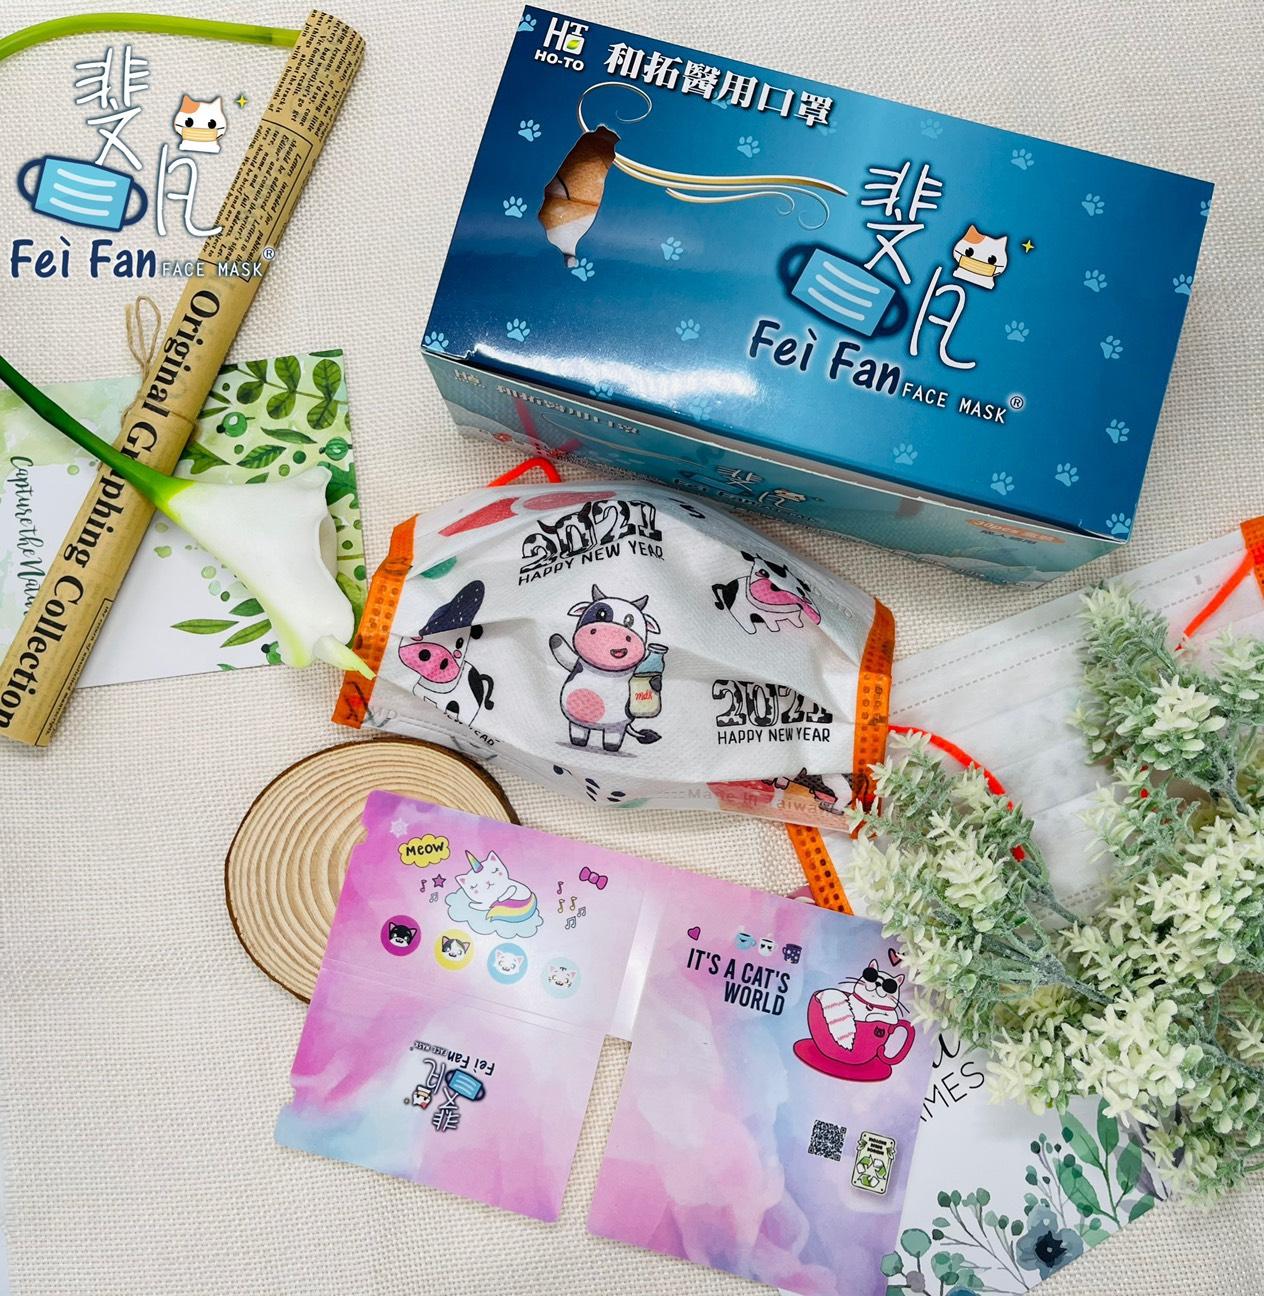 【現貨】台灣製雙鋼印 和拓醫用口罩 2021乳牛限量款 30片/盒